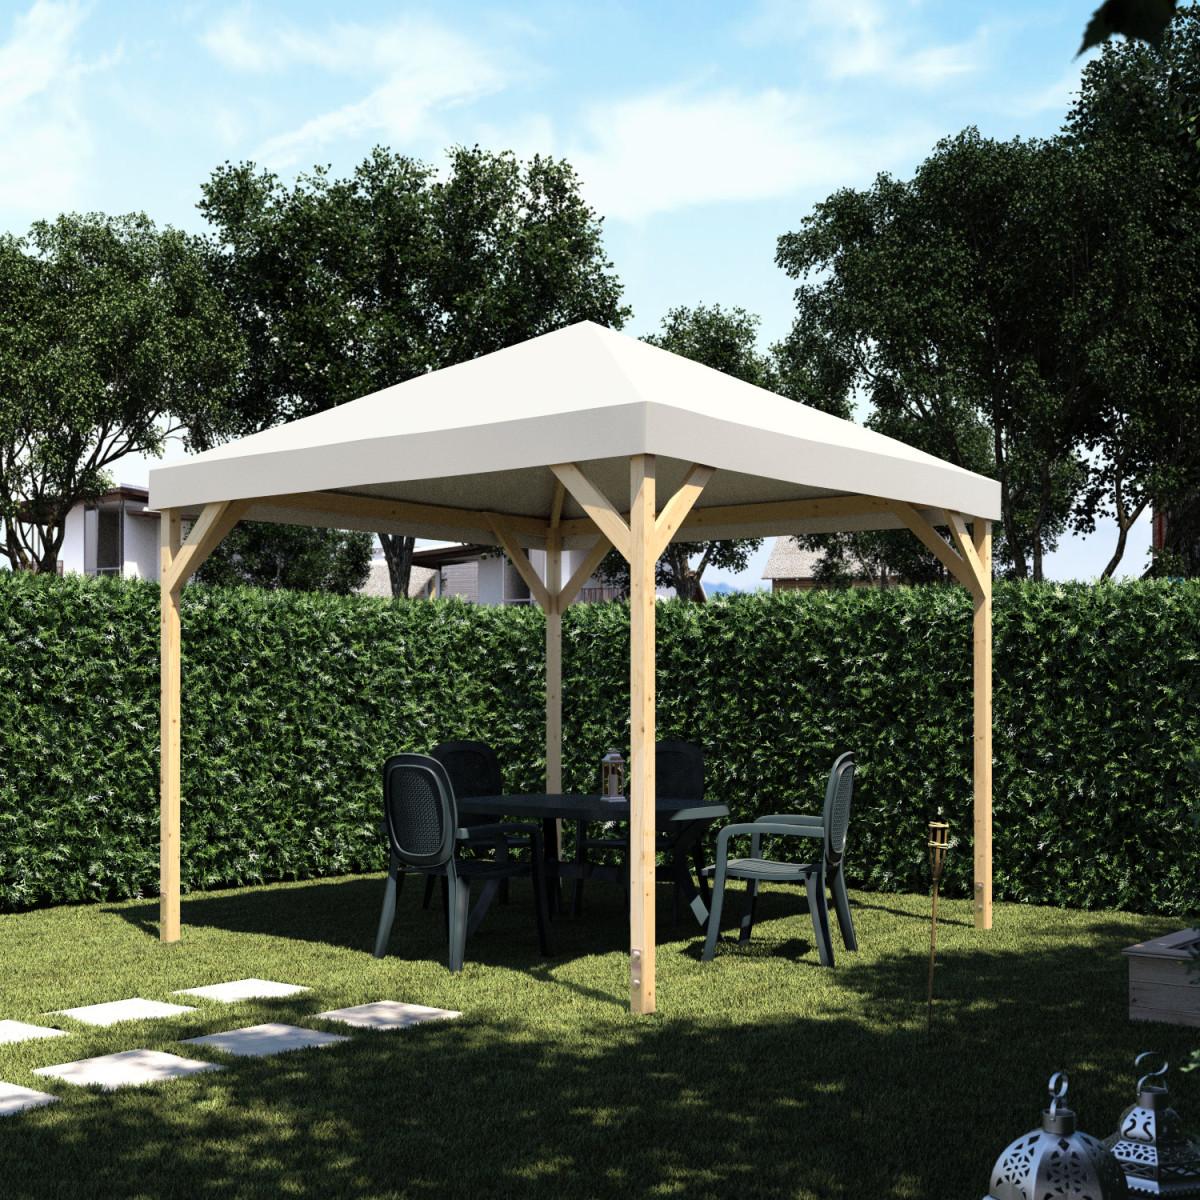 Coperture per terrazzi: gazebo, pergole, ombrelloni o tende?